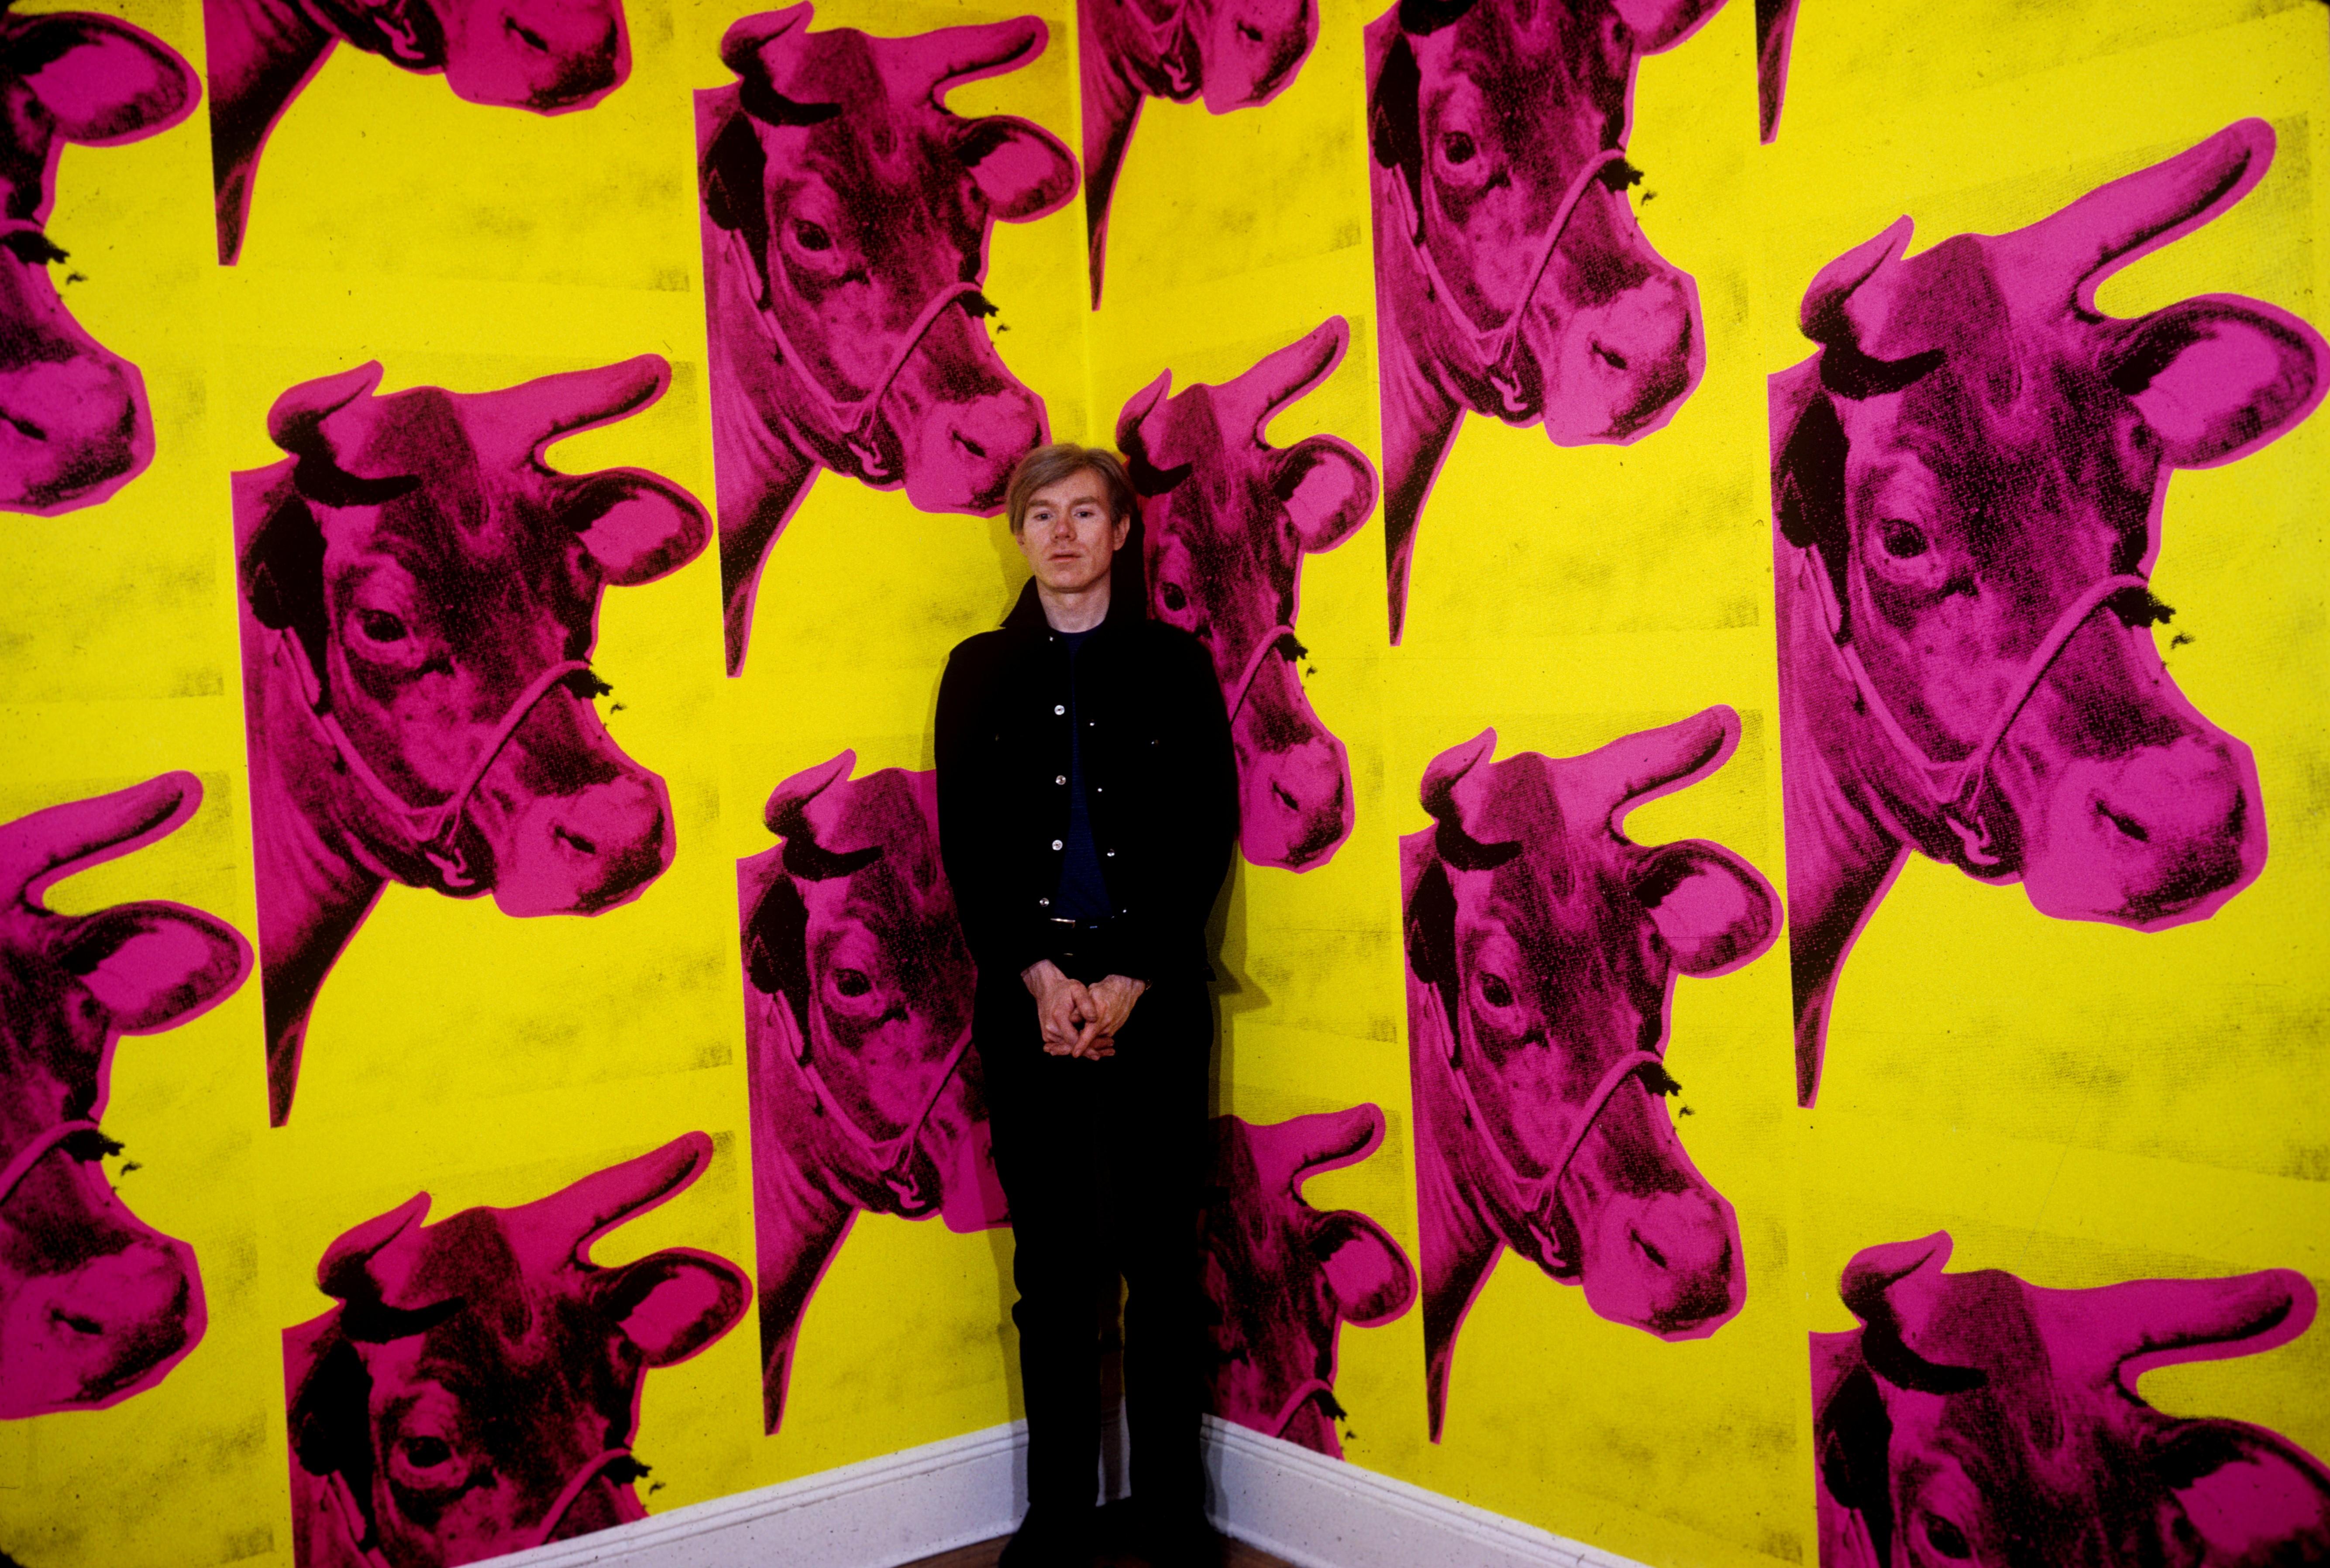 Andy Warhol Cow Wallpaper 1966 - WallpaperSafari